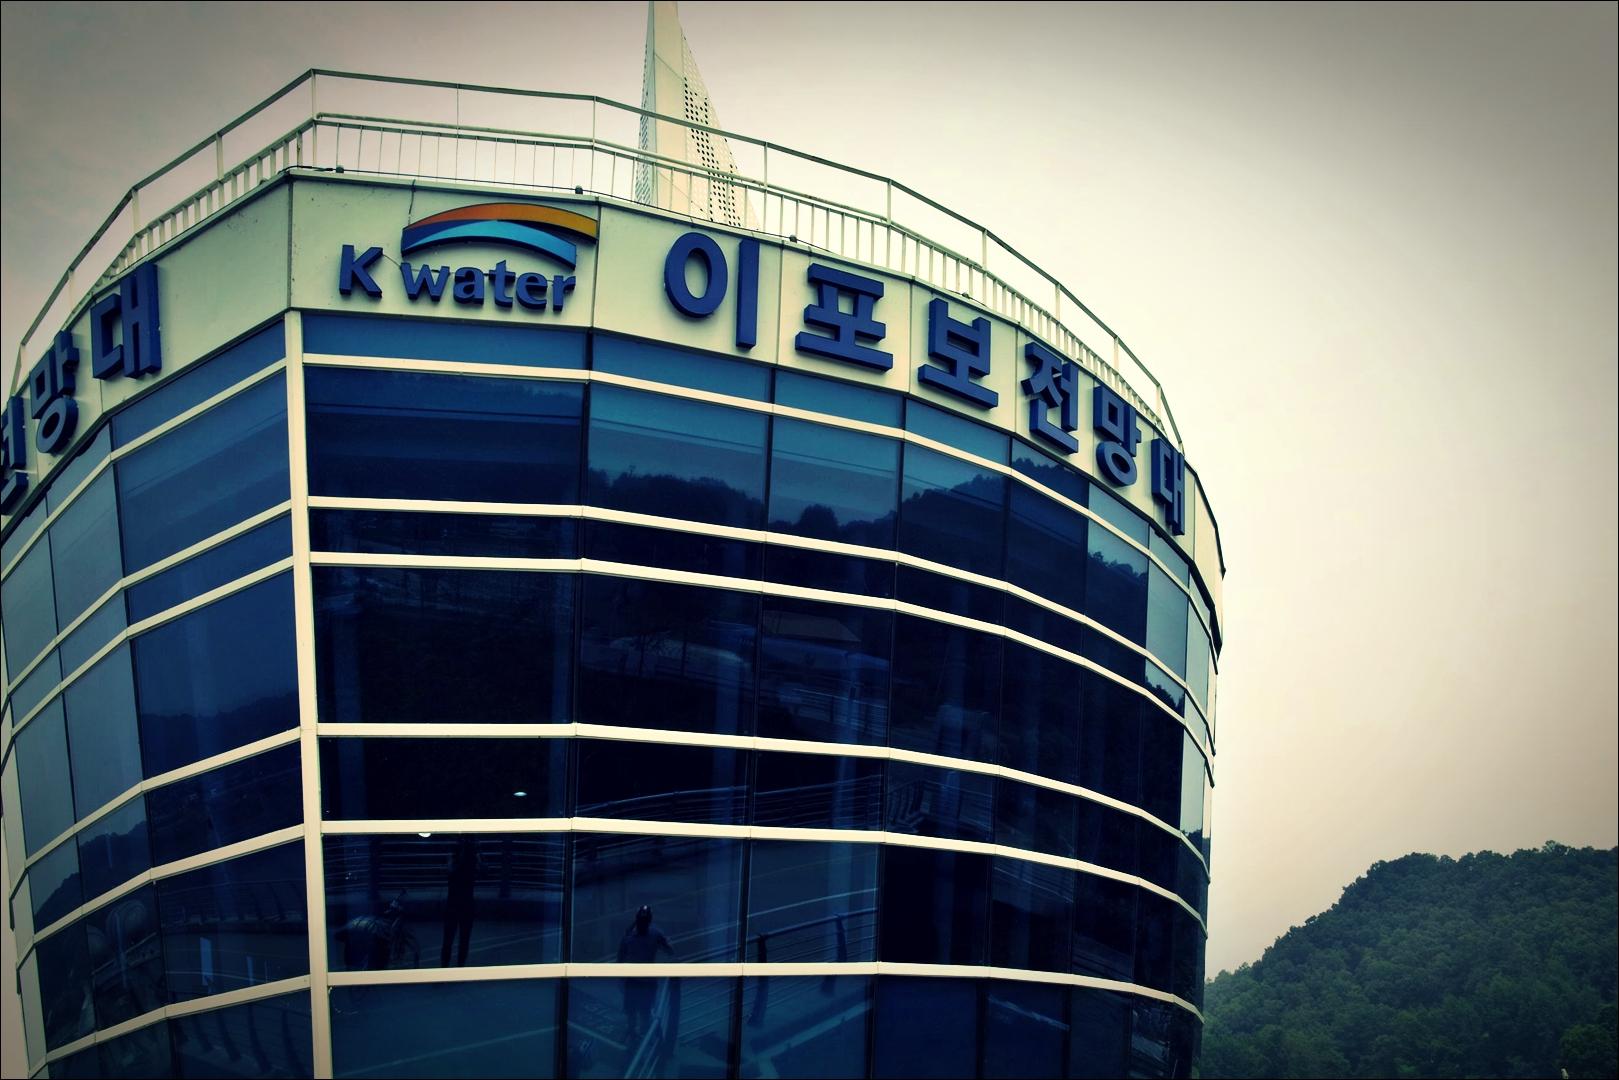 이포보 전망대-'남한강 자전거 종주 Bike Riding Namhan river Korea'